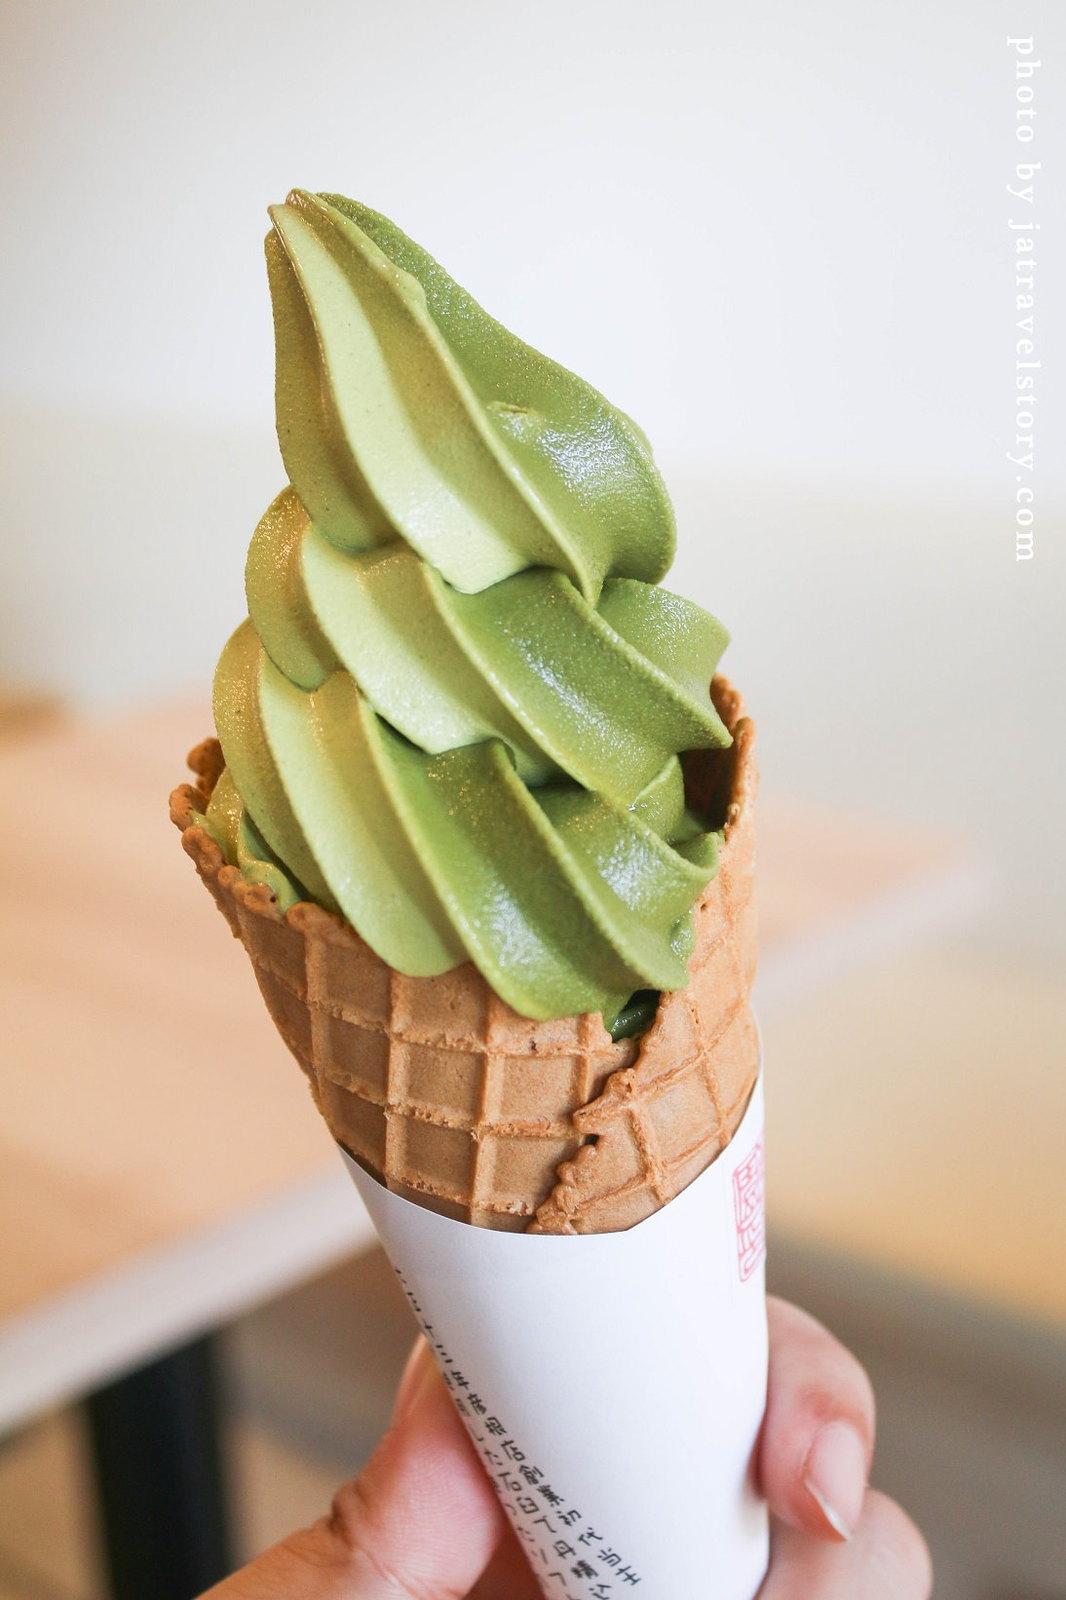 【滋賀美食/彥根城美食】政所園 源三郎抹茶霜淇淋 @J&A的旅行